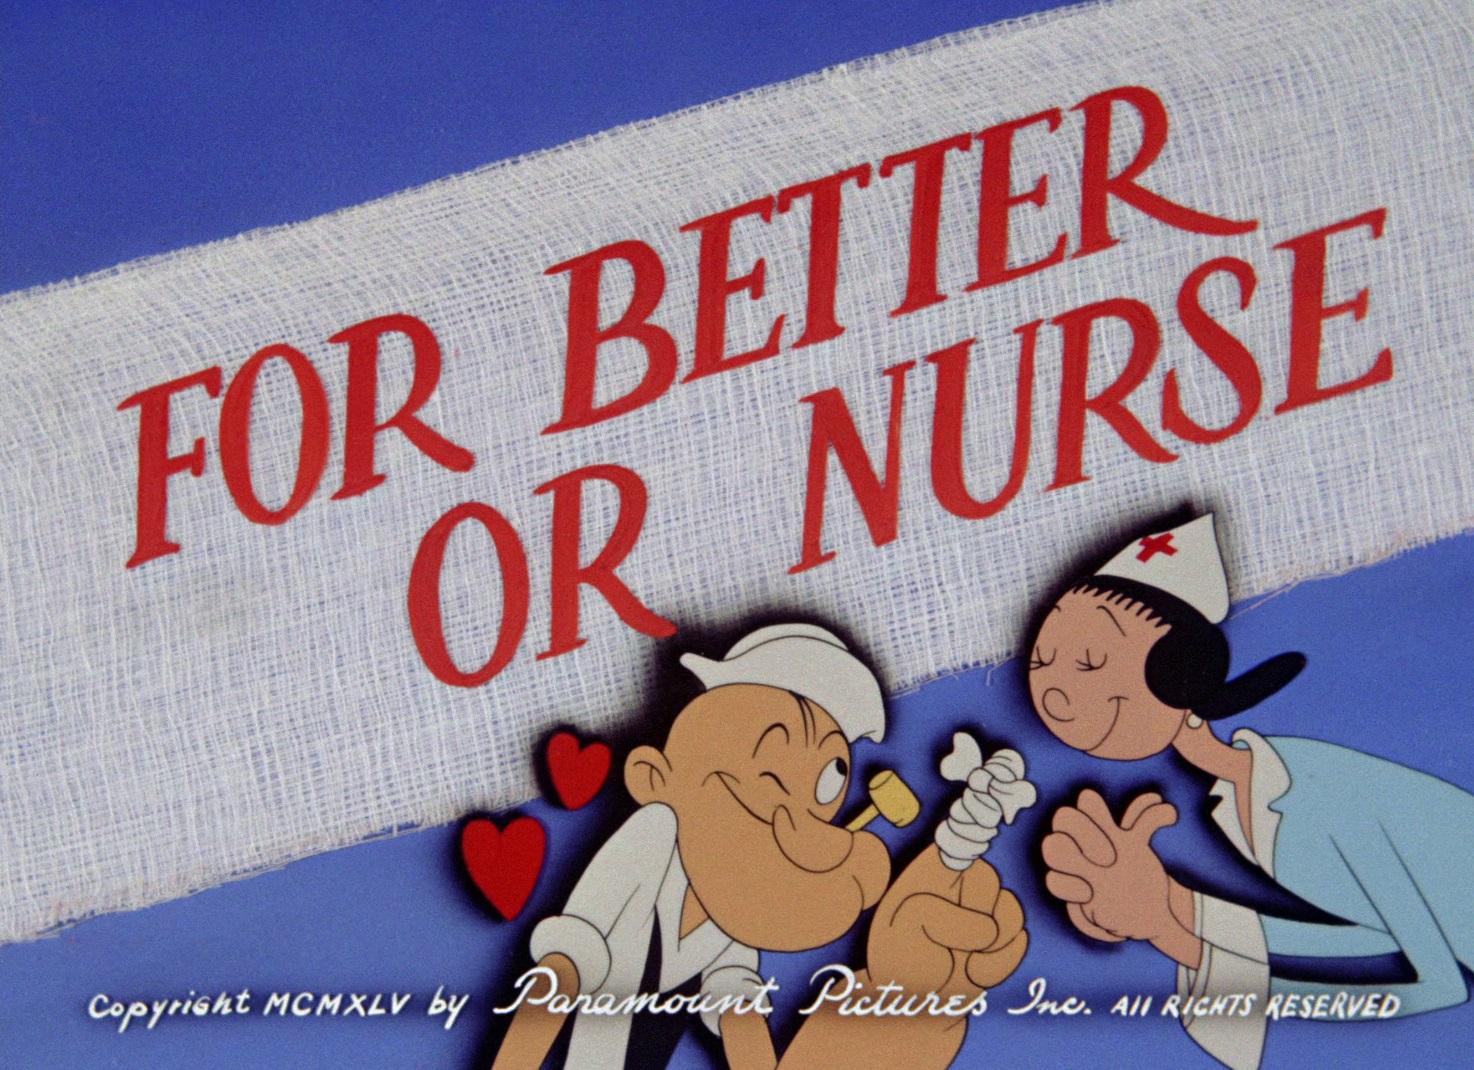 Better nurse